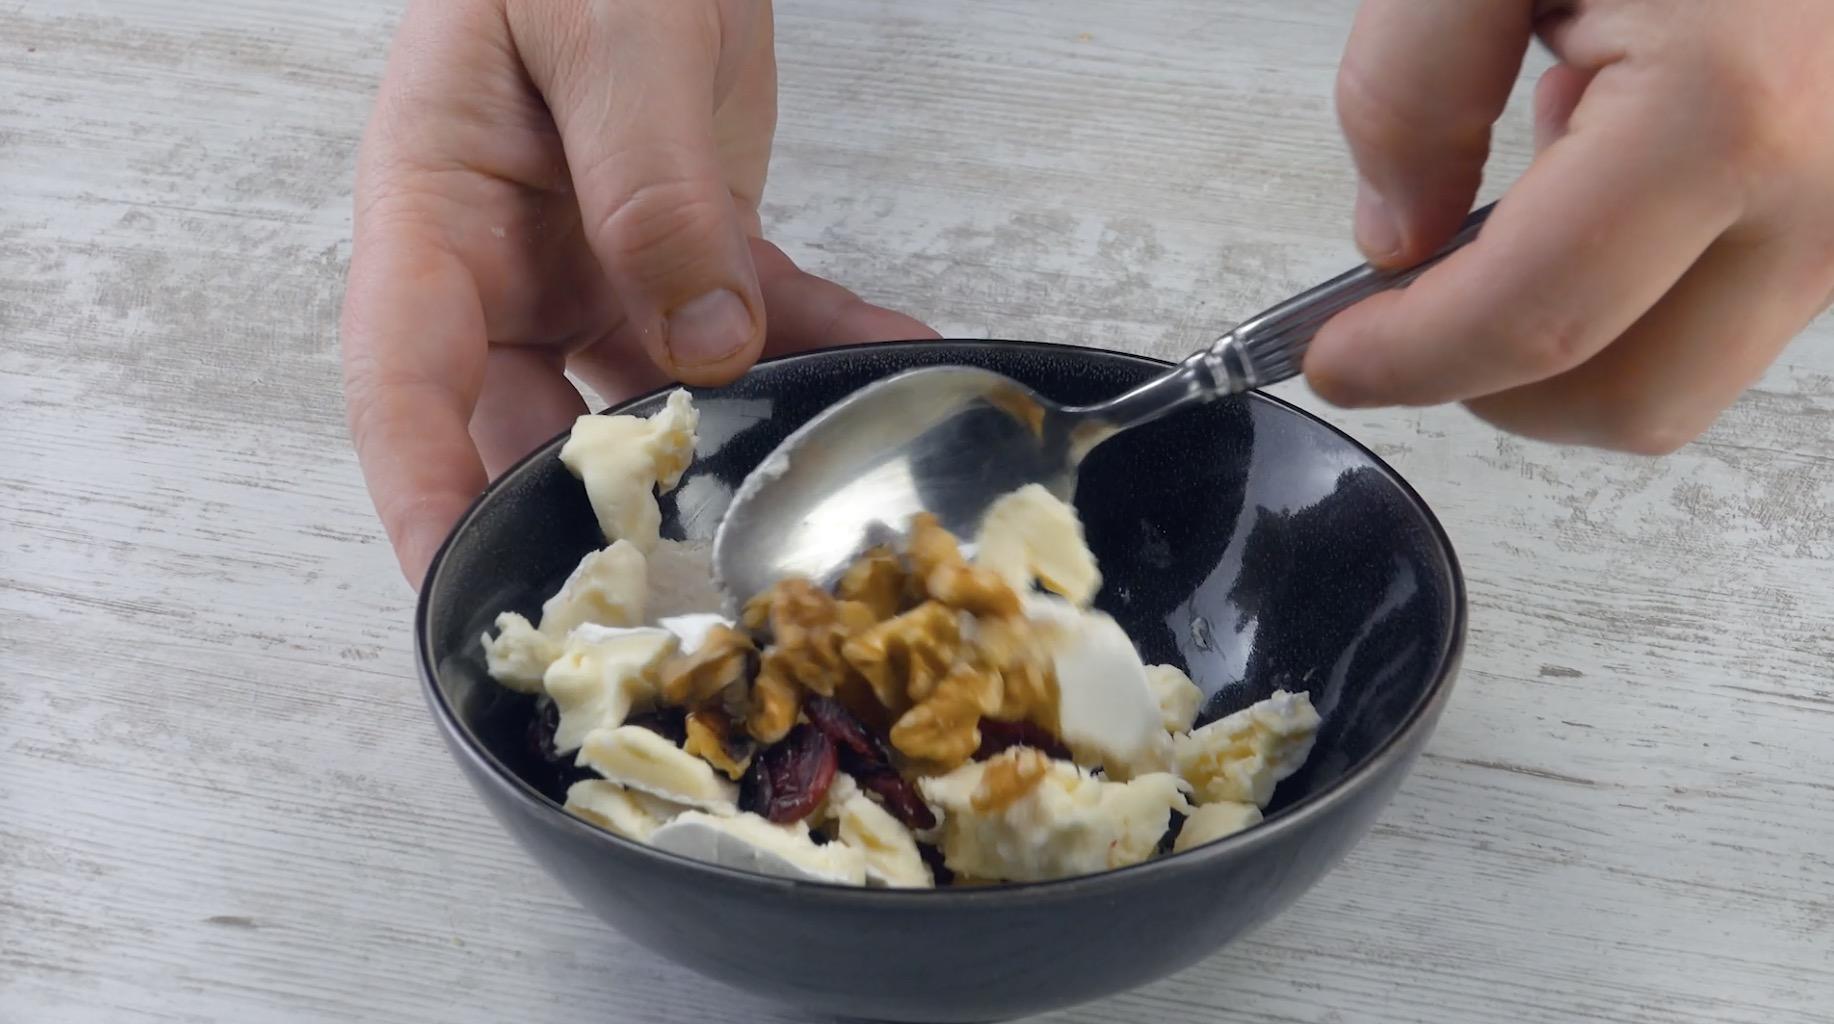 mélanger des morceaux de camembert avec des noix et des canneberges